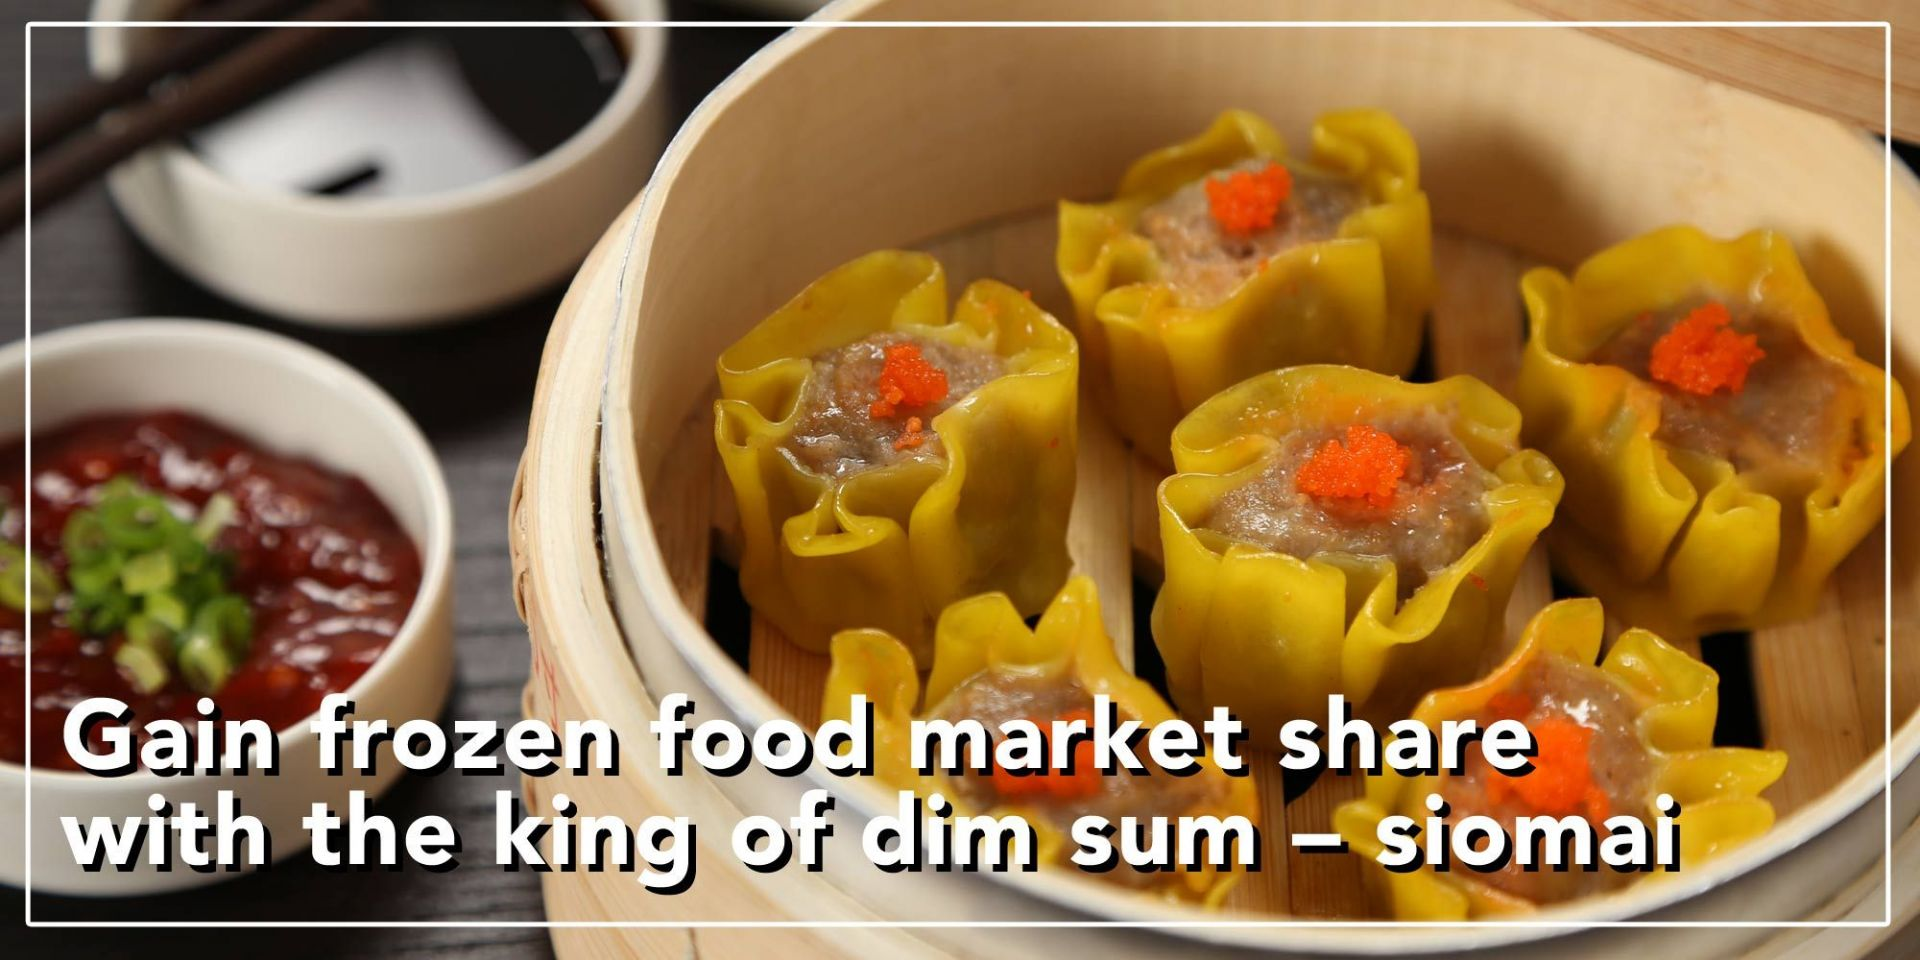 【Pārtikas rūpniecības tendences】 Izbaudiet rosīgo tējnīcas kultūru un Dim Sum karali - Siomai (shumai)